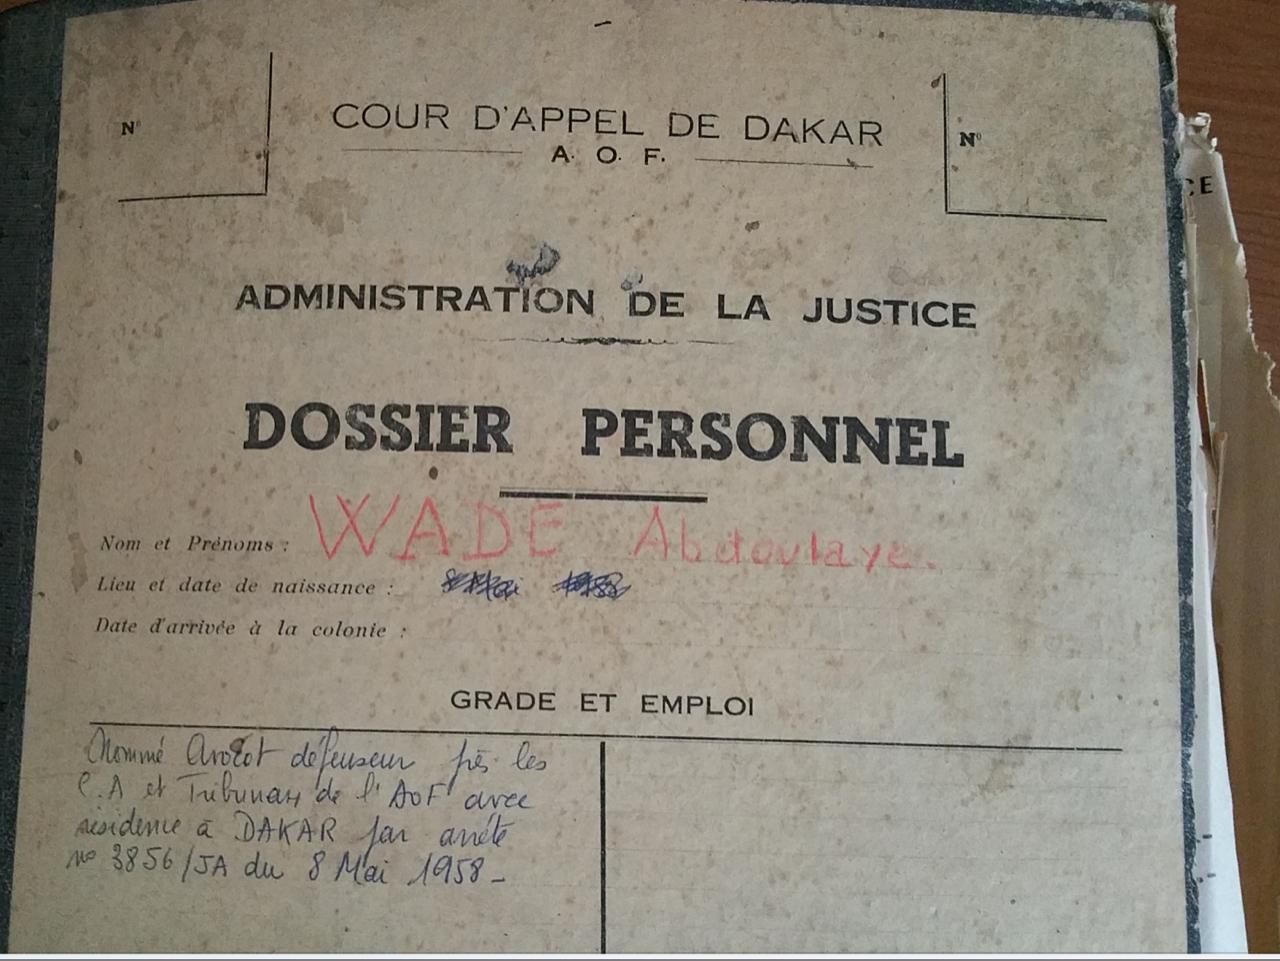 Le dossier d'Abdoulaye Wade, nommé avocat